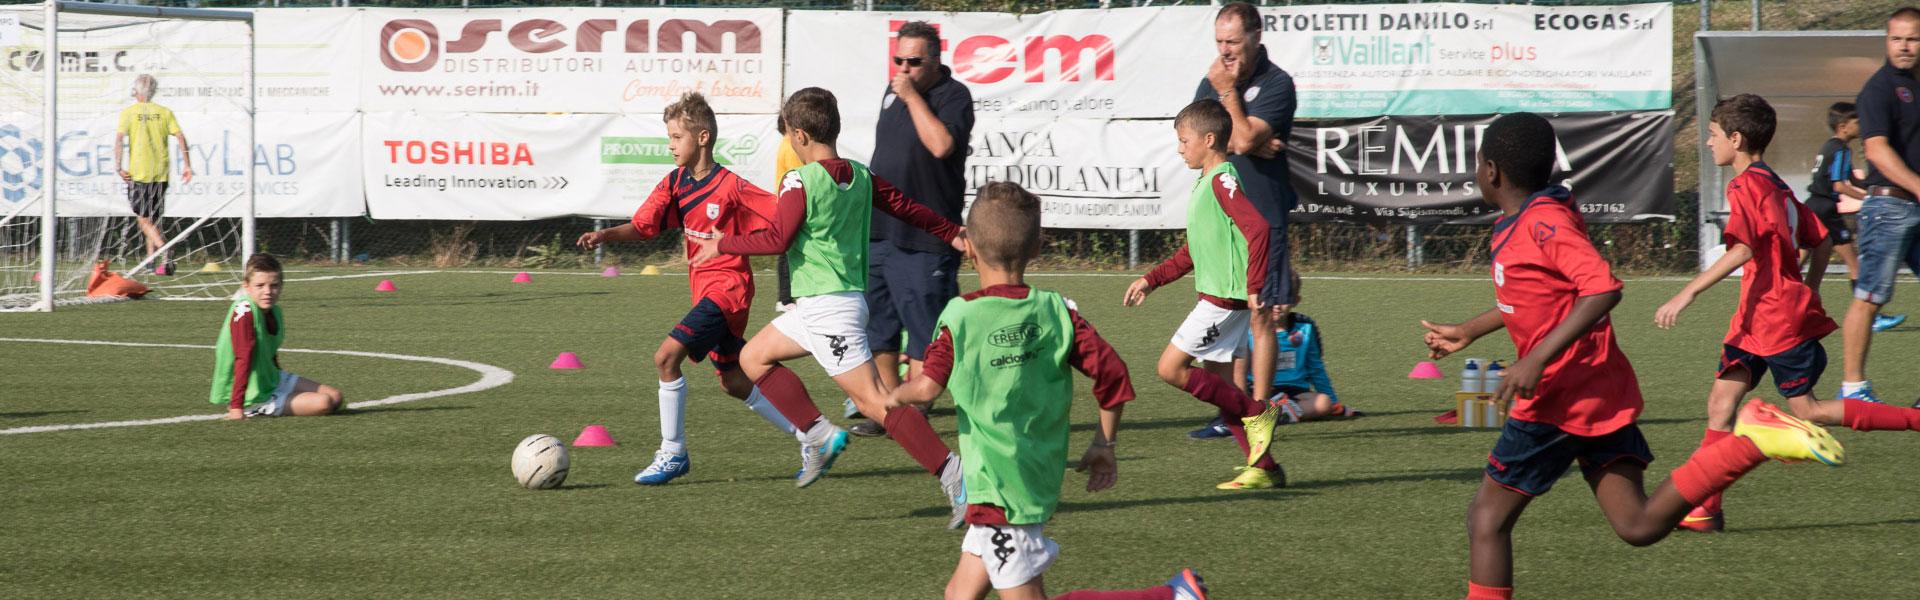 2° Torneo di Calcio a Valbrembo (BG)